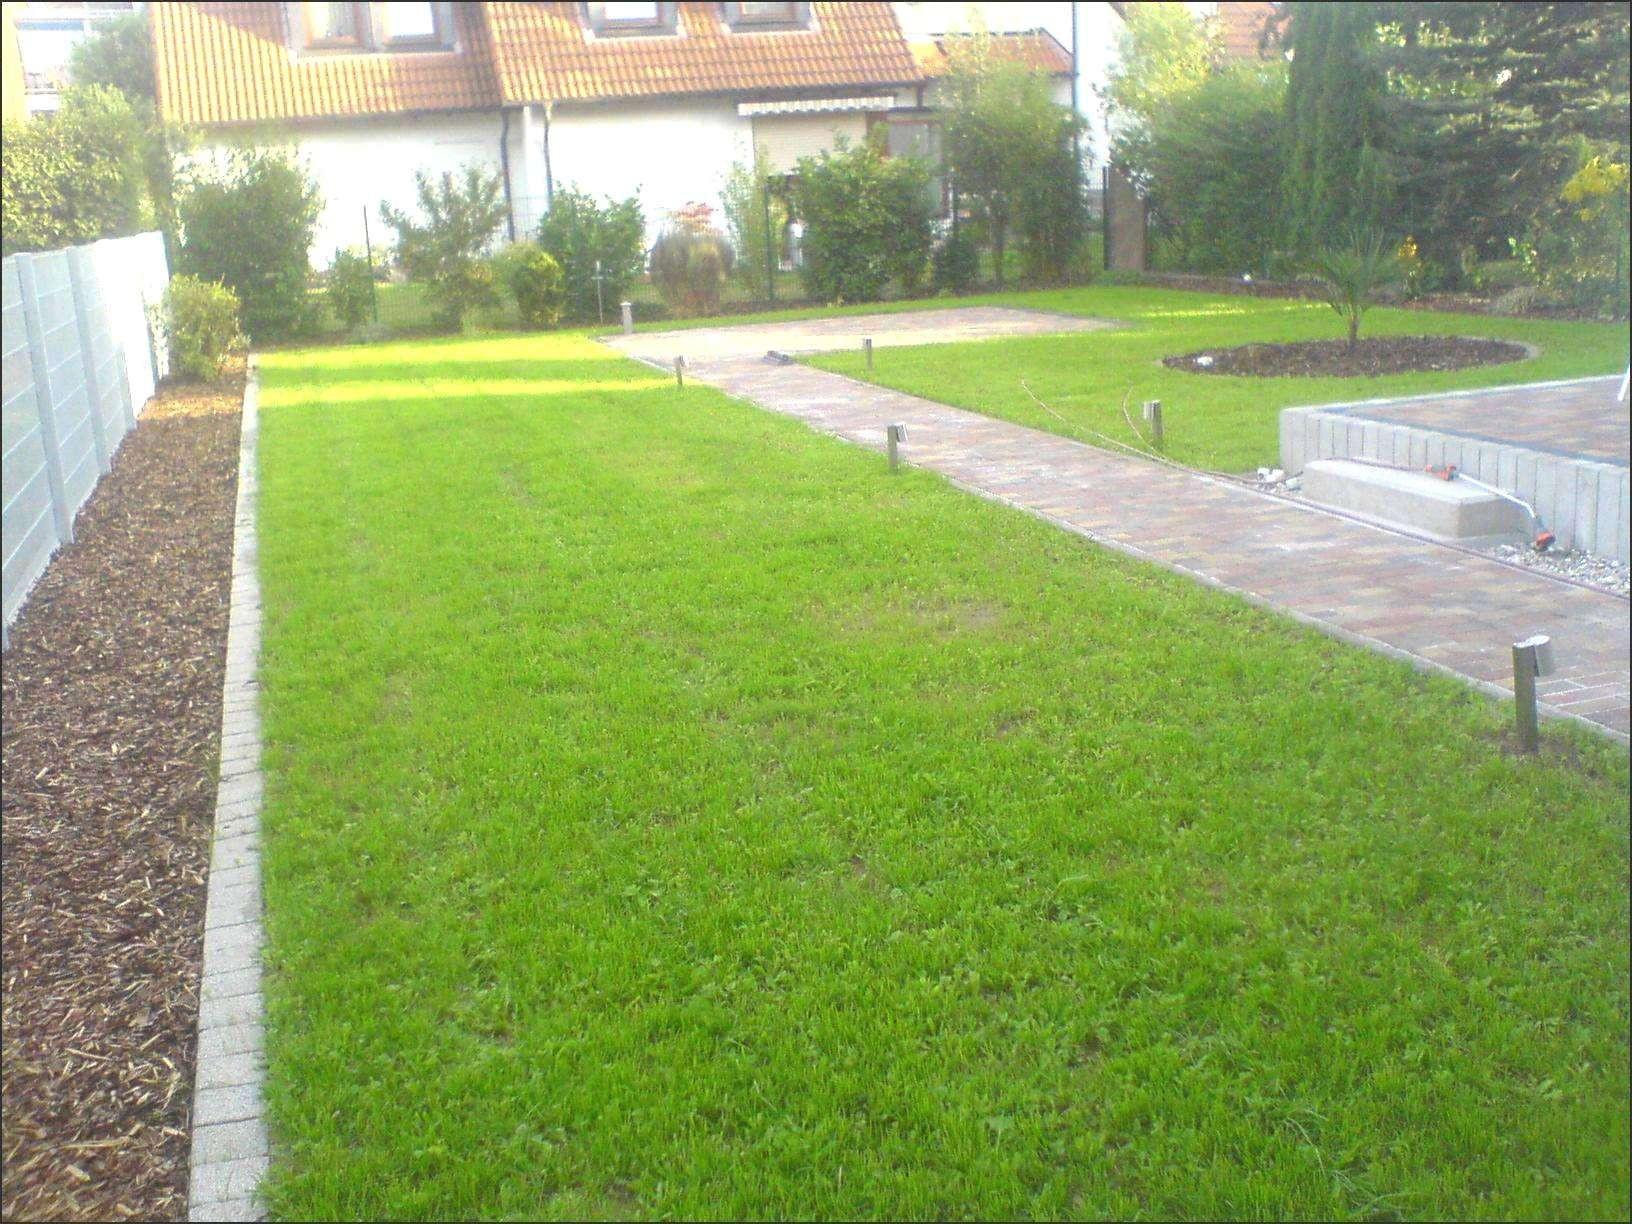 terrassen beispiele garten garten planen beispiele inspirierend terrassenuberdachung planen of terrassen beispiele garten